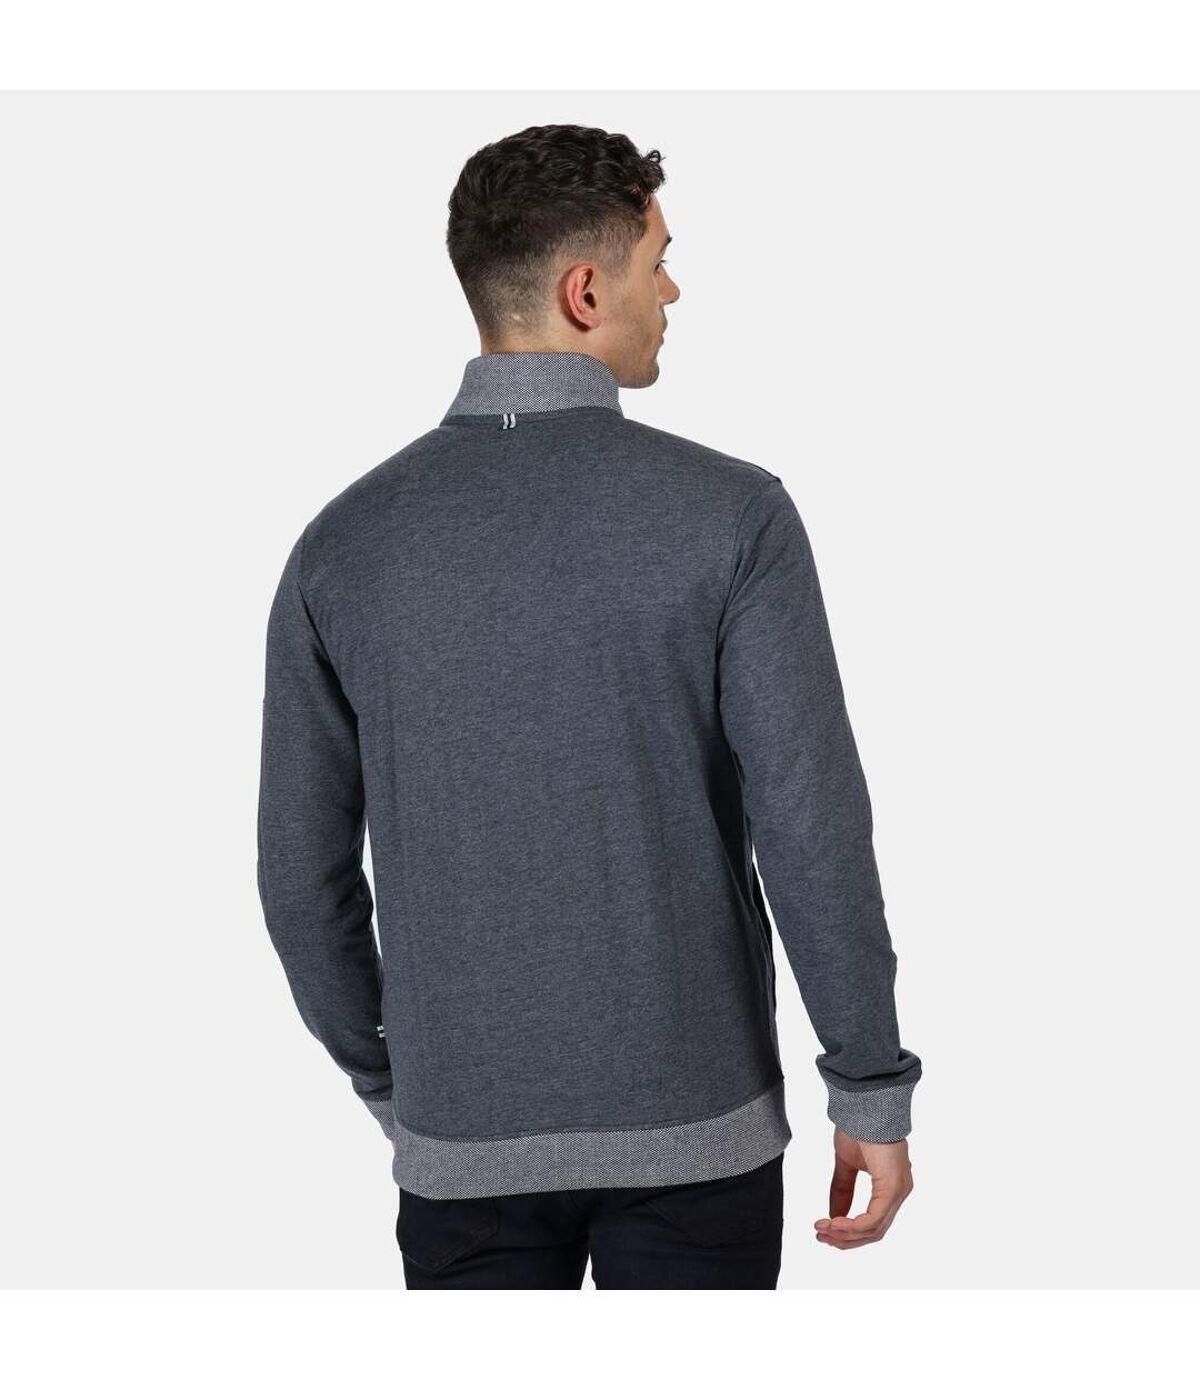 Regatta Mens Everard Full Zip Fleece (Navy Marl) - UTRG5048